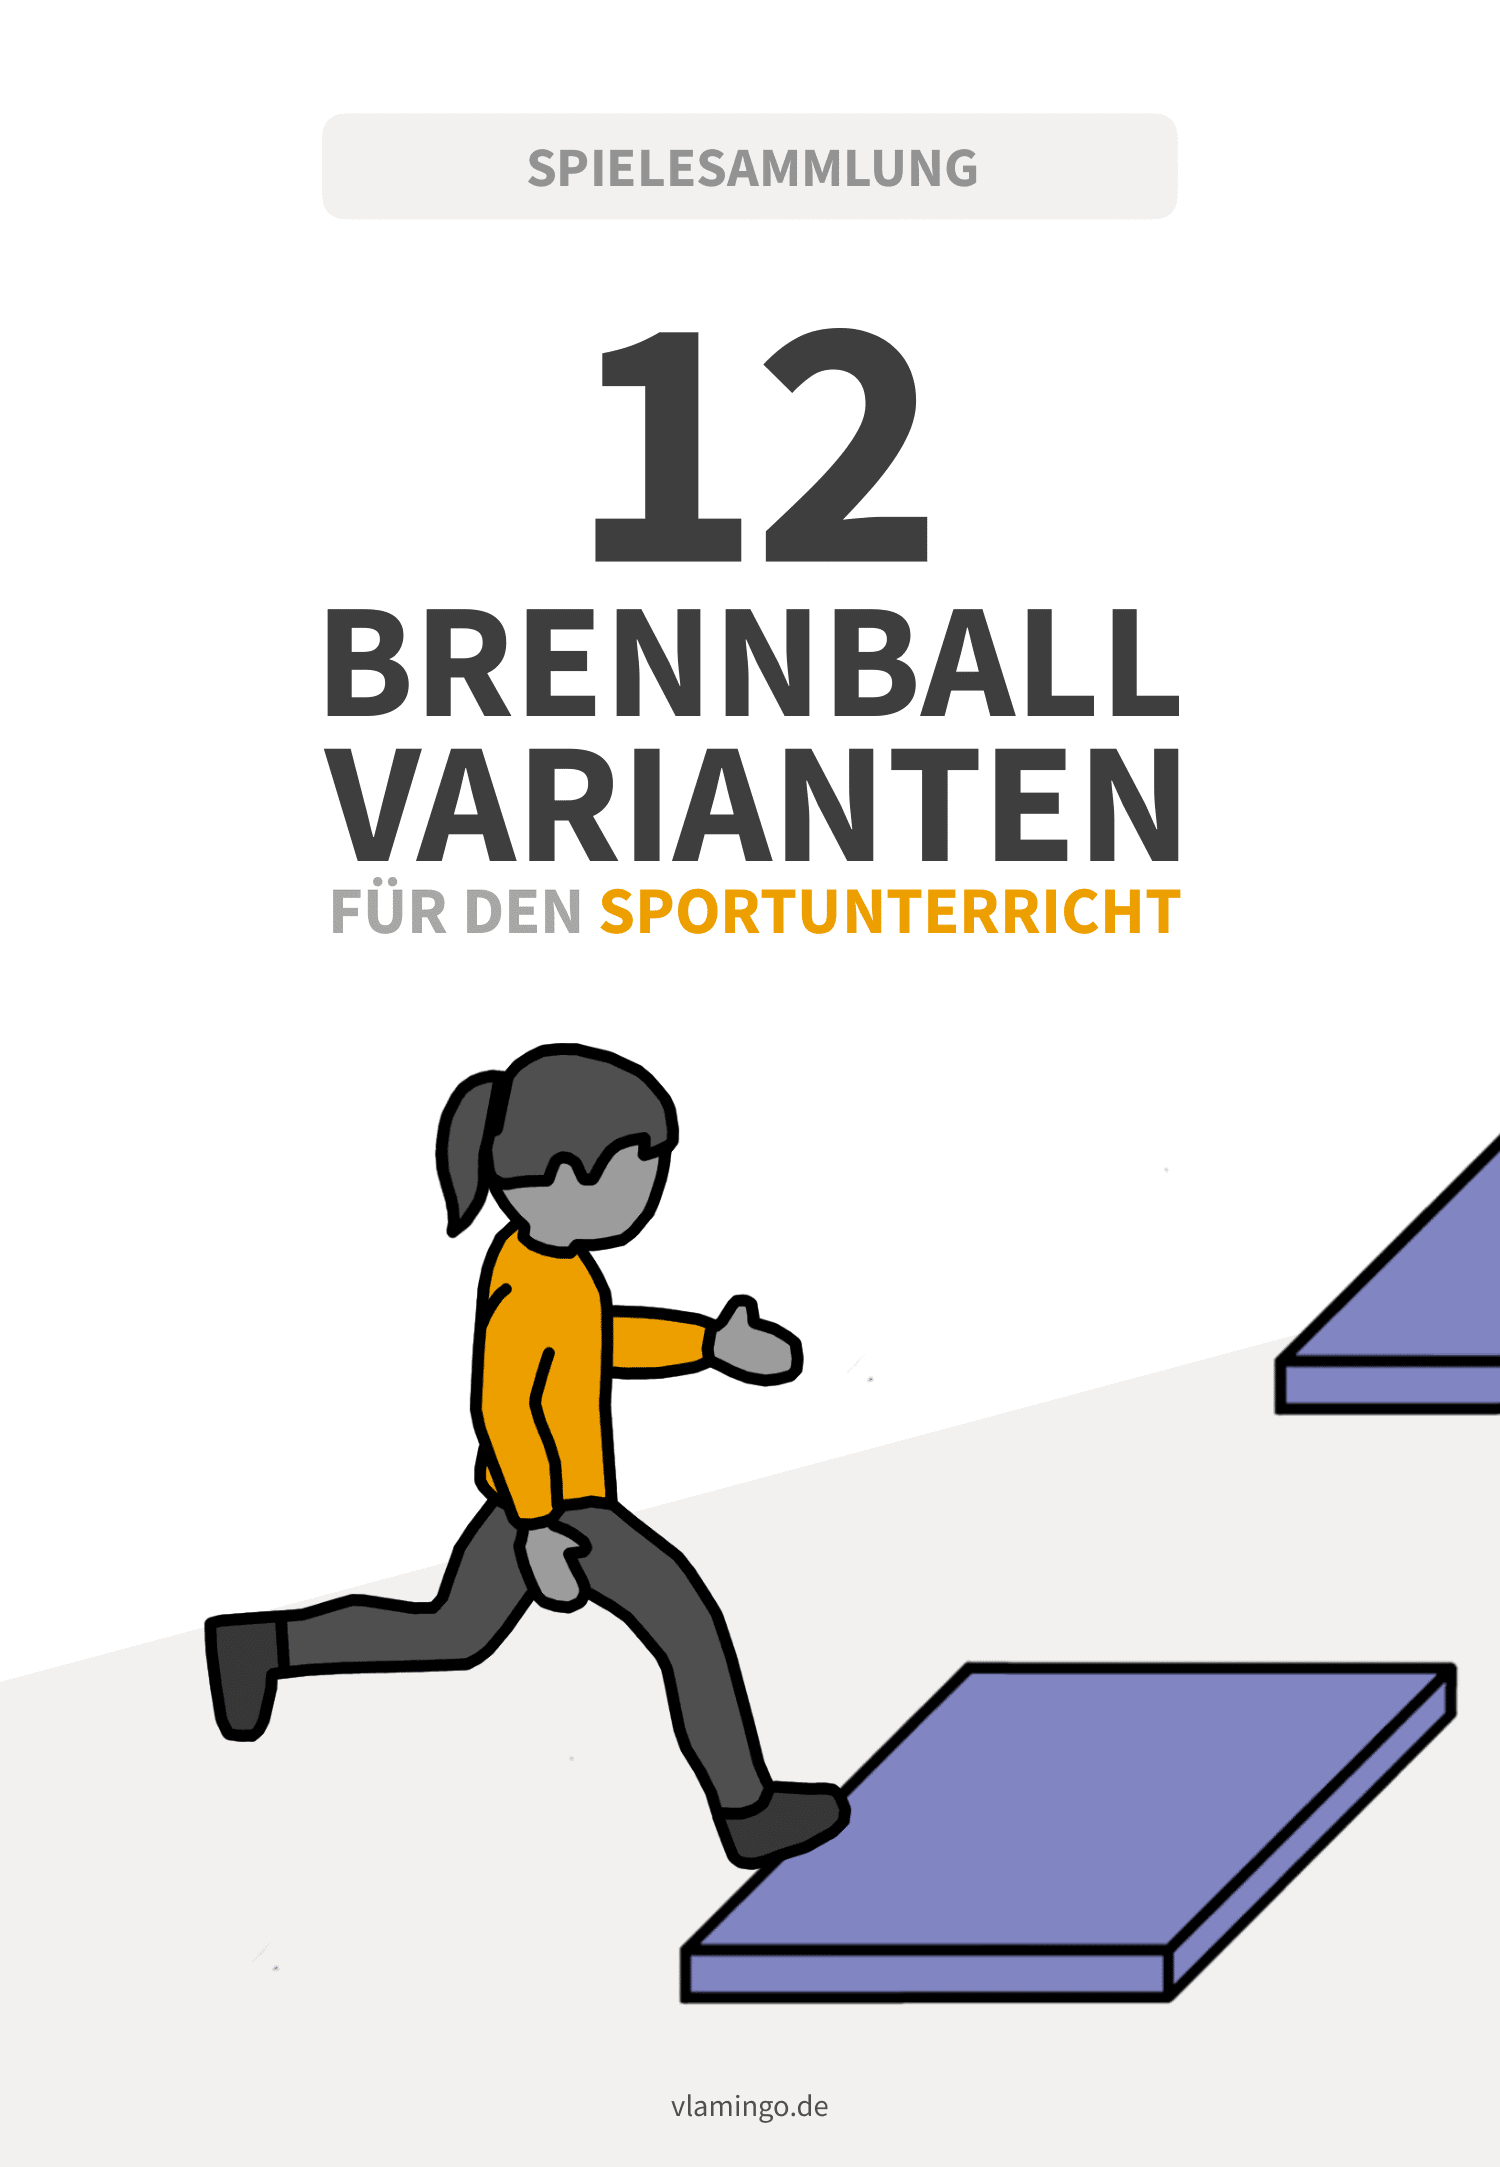 12 Brennball-Varianten für den Sportunterricht - vlamingo